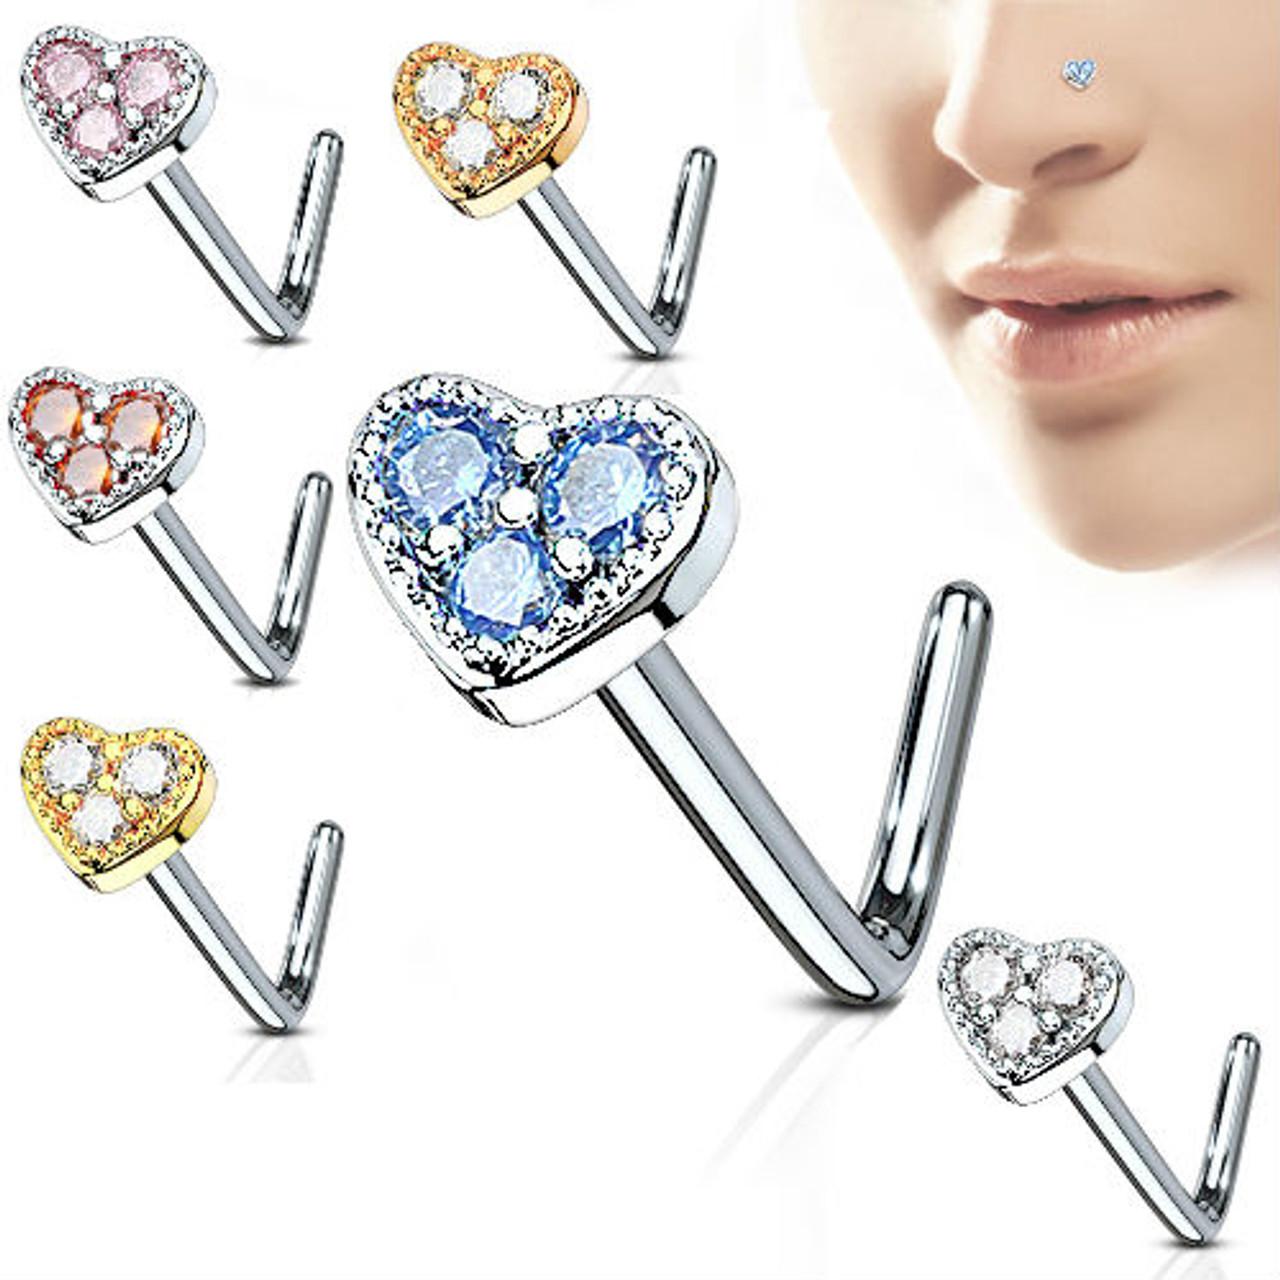 L Bend 20g Nose Ring Stud Screw Cz Gem Paved Heart Cz Gem 316l